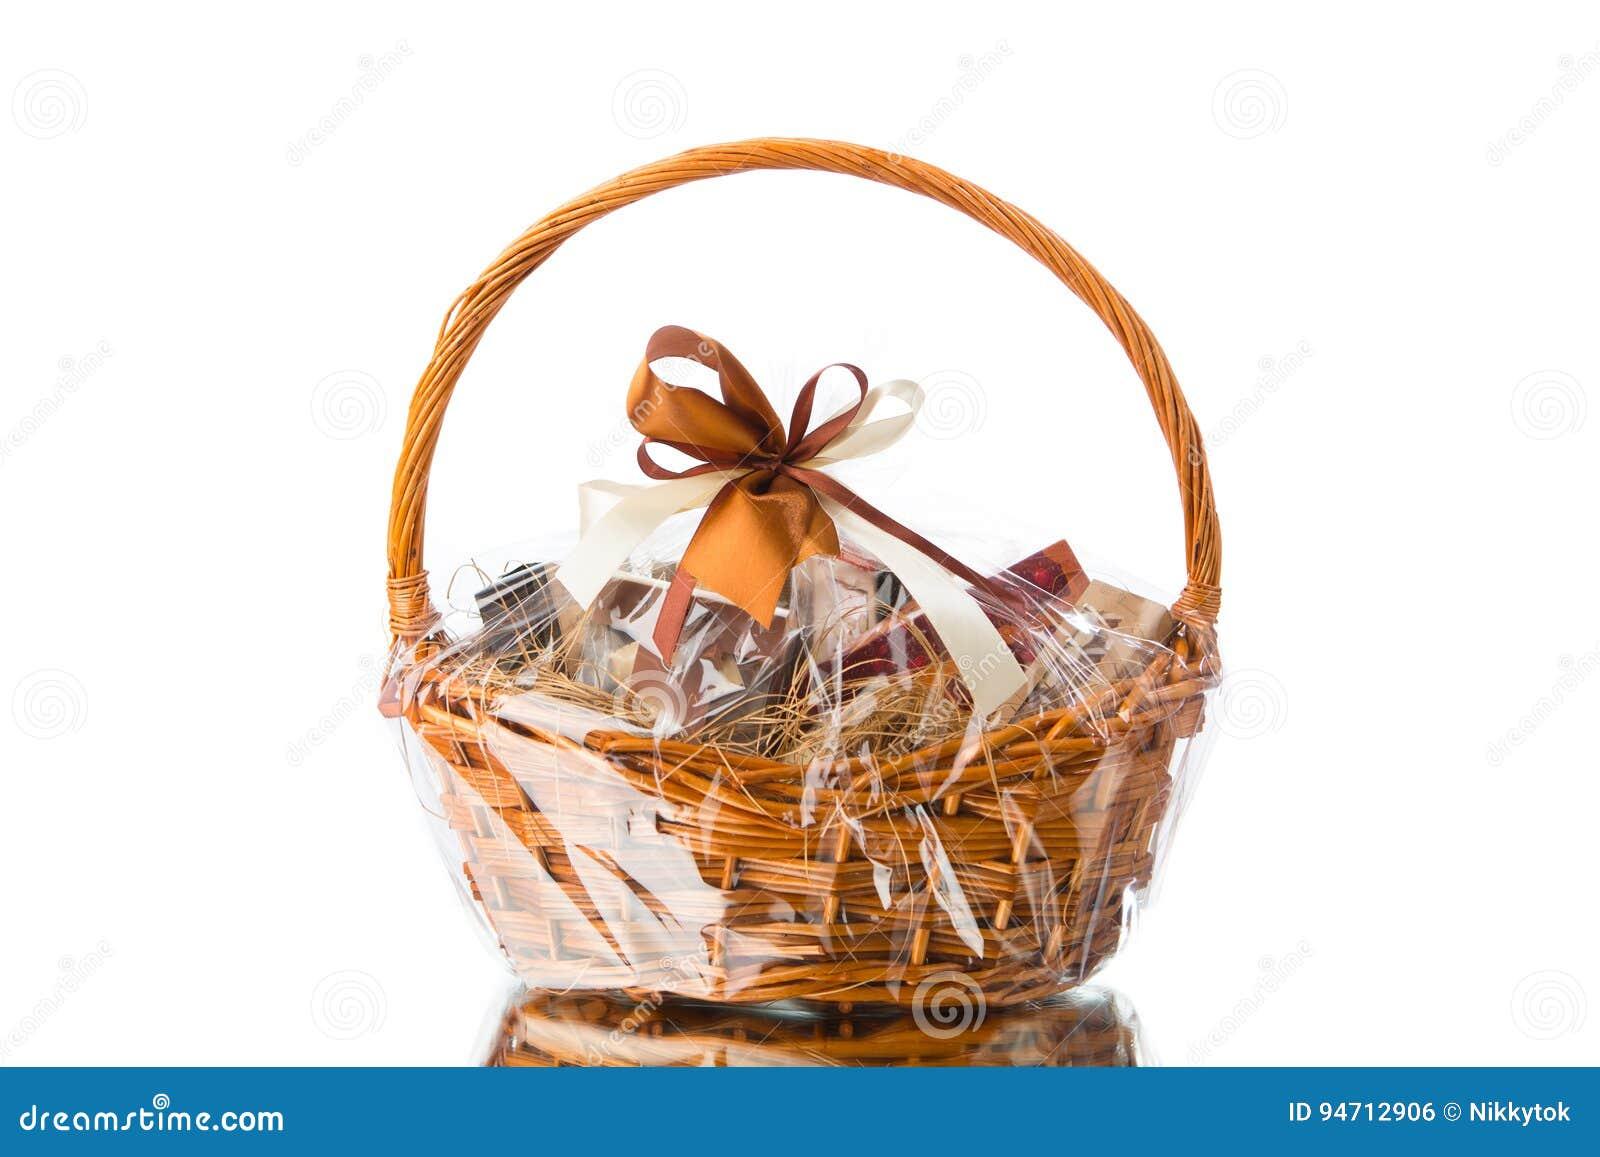 Geschenkkorb auf weißem Hintergrund